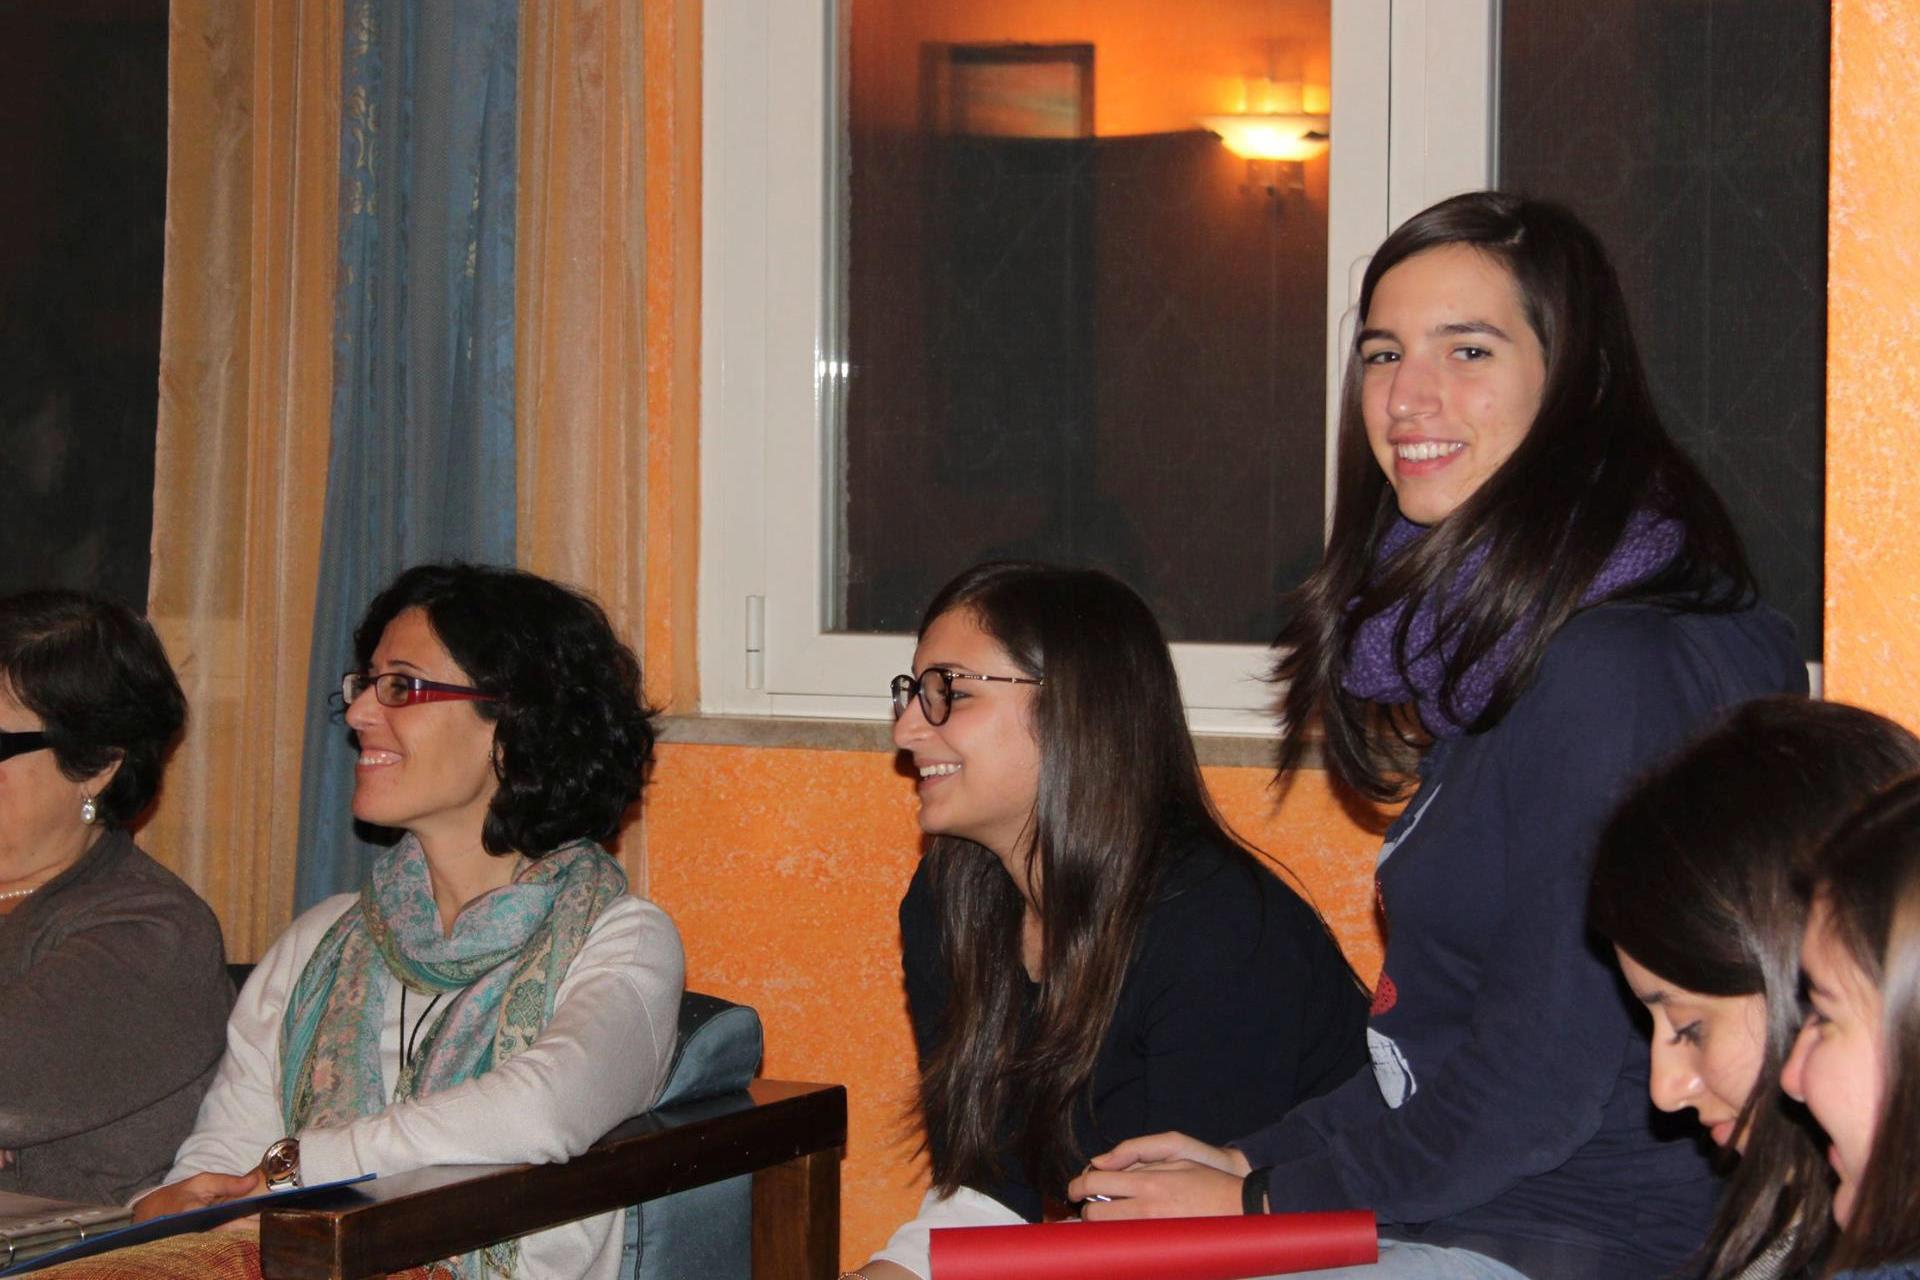 Foto di Gruppo Studentesse Fuori Sede Residenza Universitaria Rume di Palermo